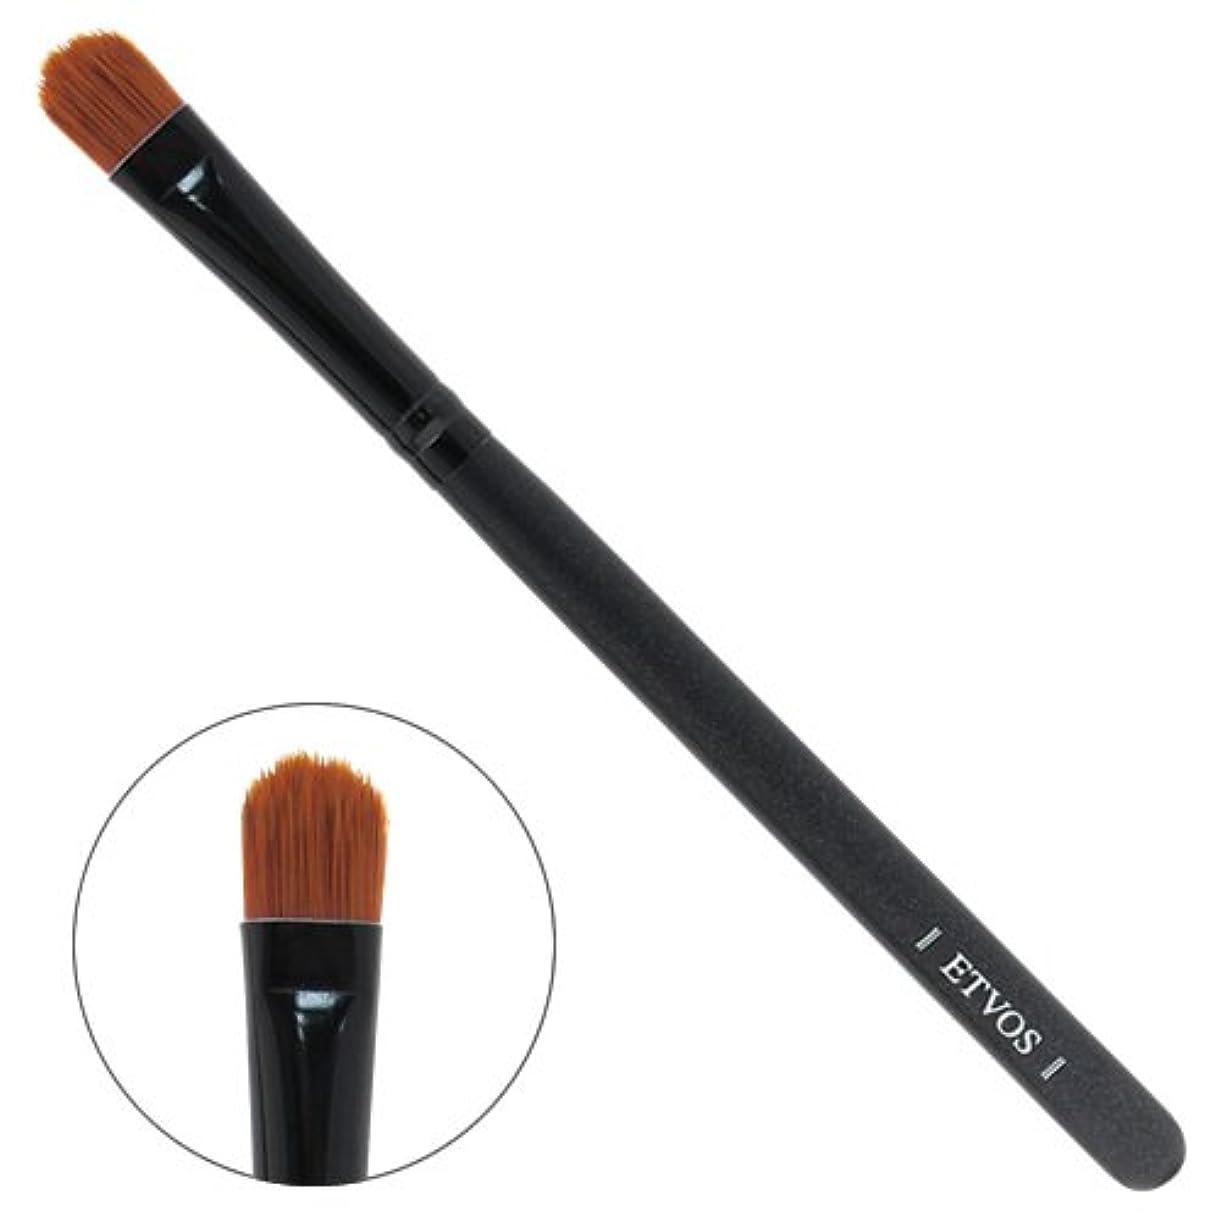 敏感なアプローチ治すETVOS(エトヴォス) アイシャドーブラシ 平らで毛先を丸カット/アイシャドウ用化粧筆 重ね塗り対応 14cm